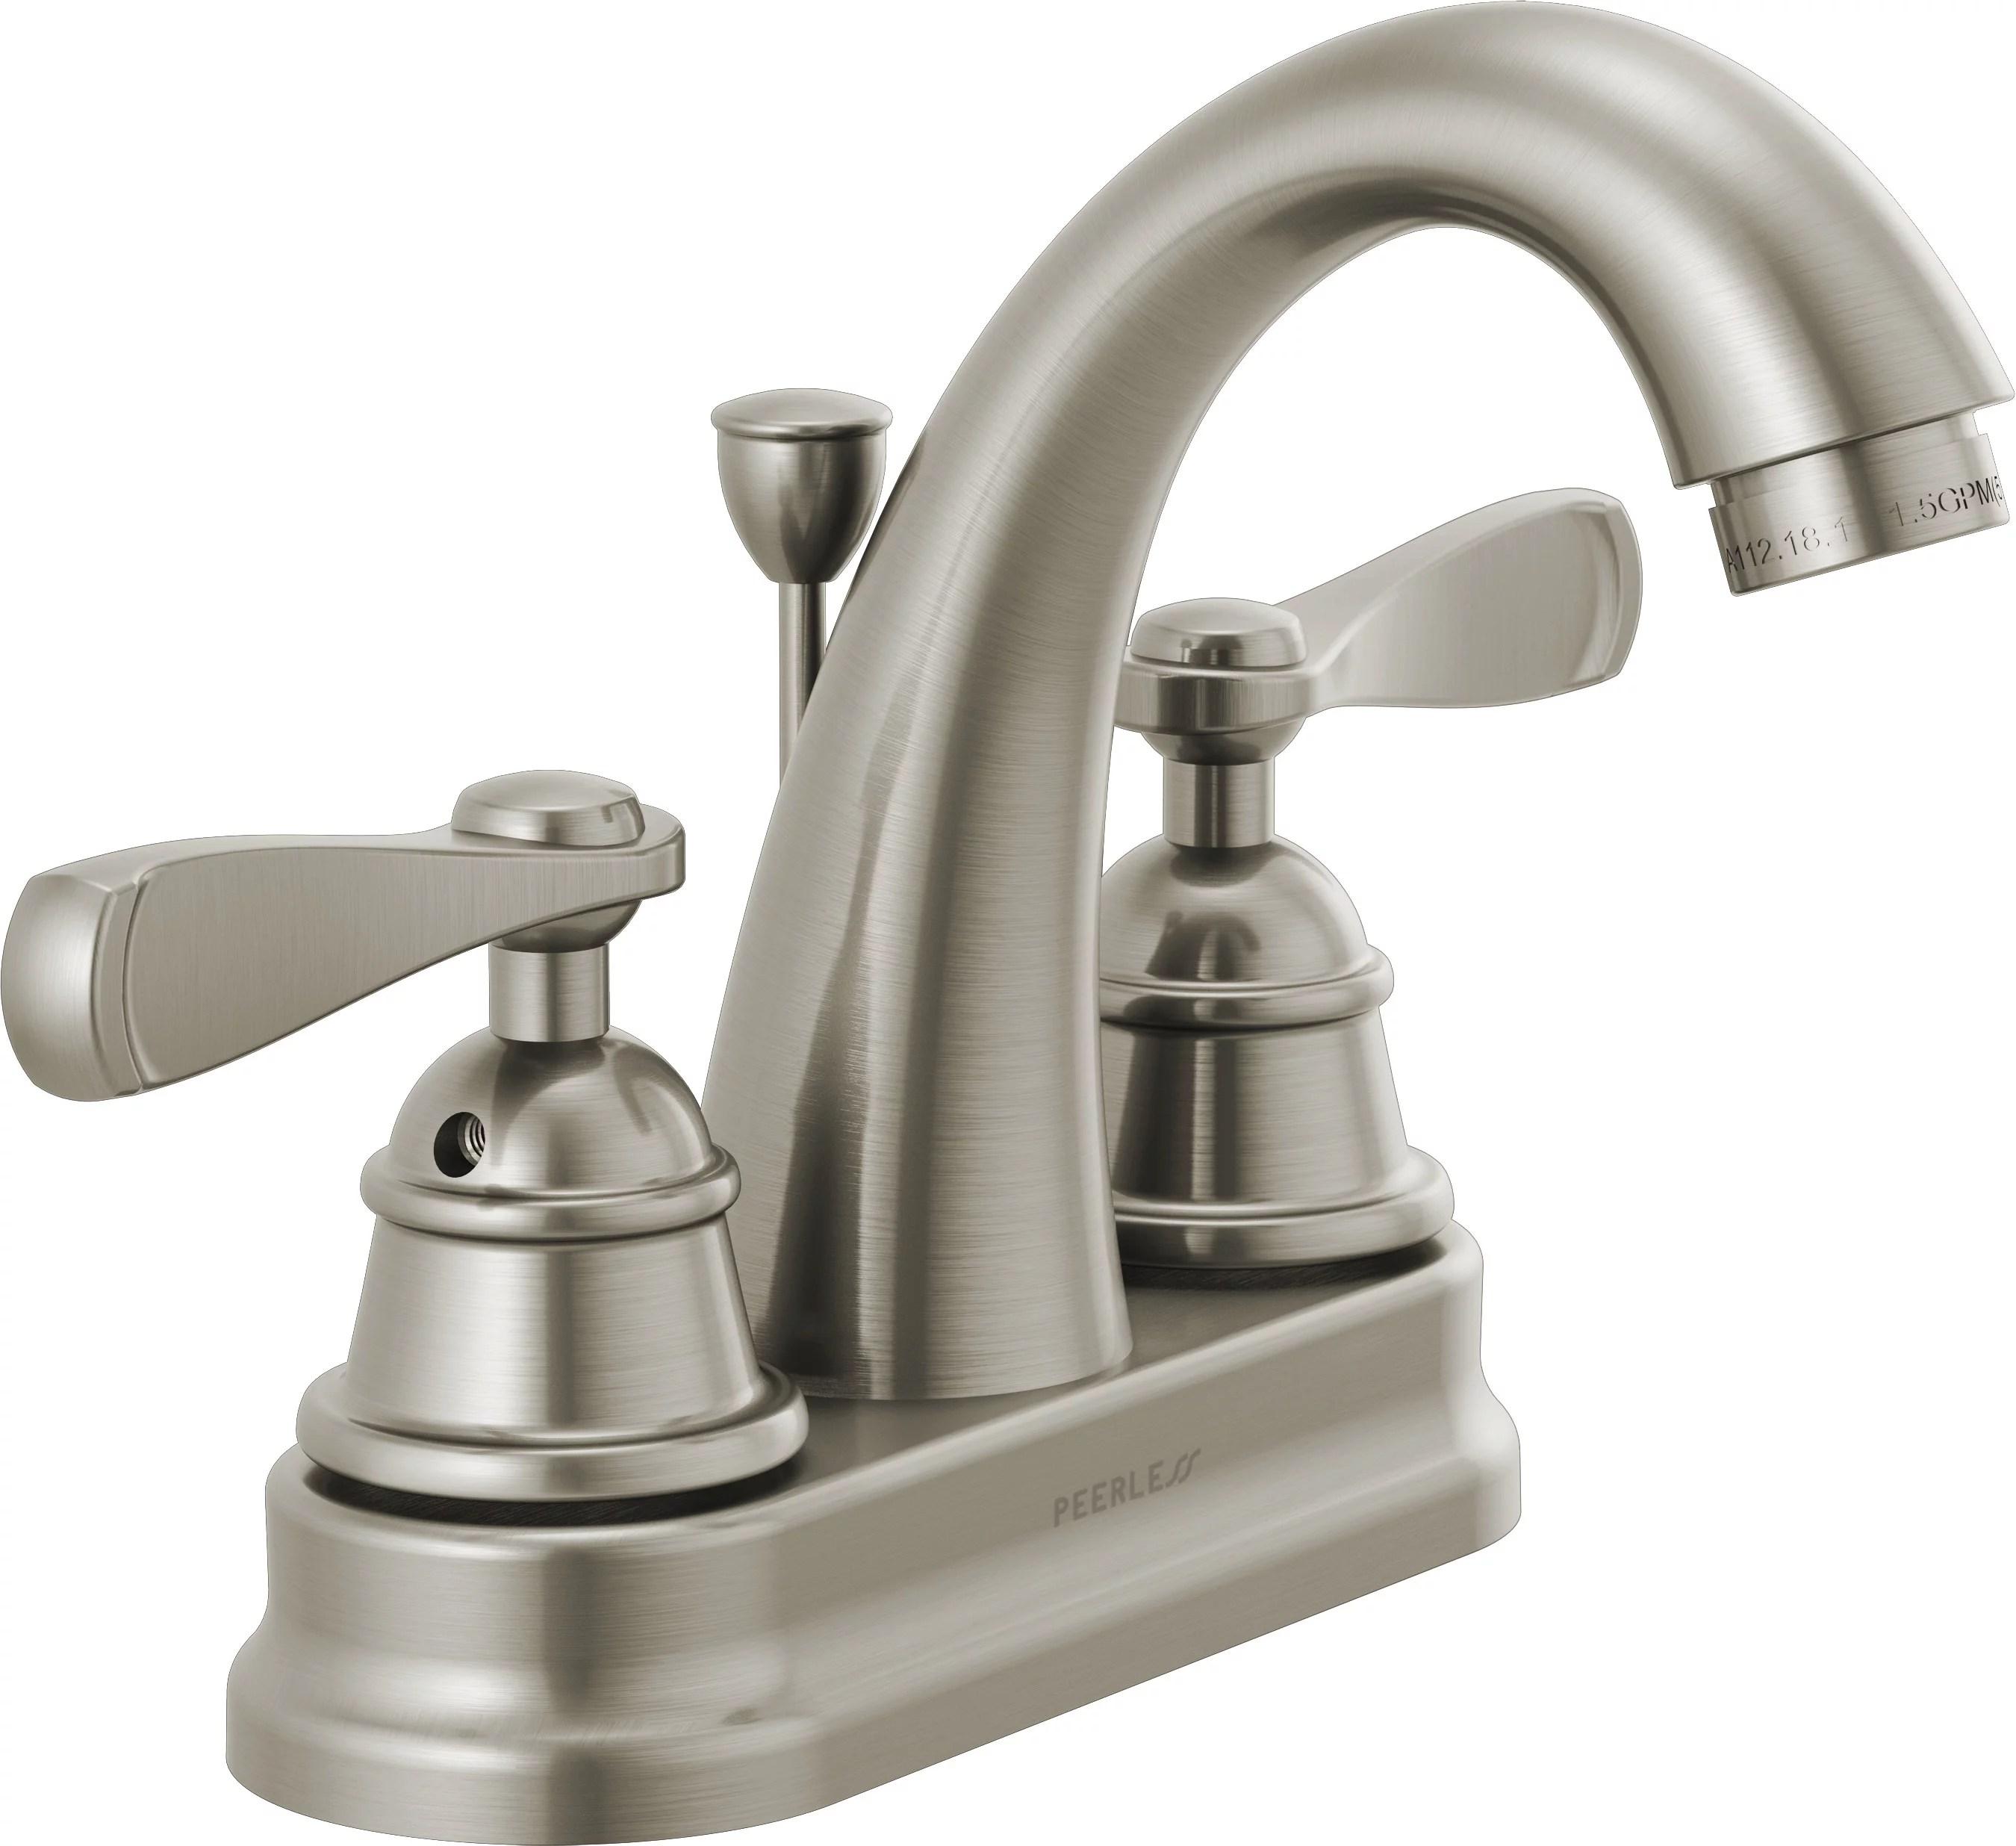 peerless centerset two handle bathroom faucet in brushed nickel